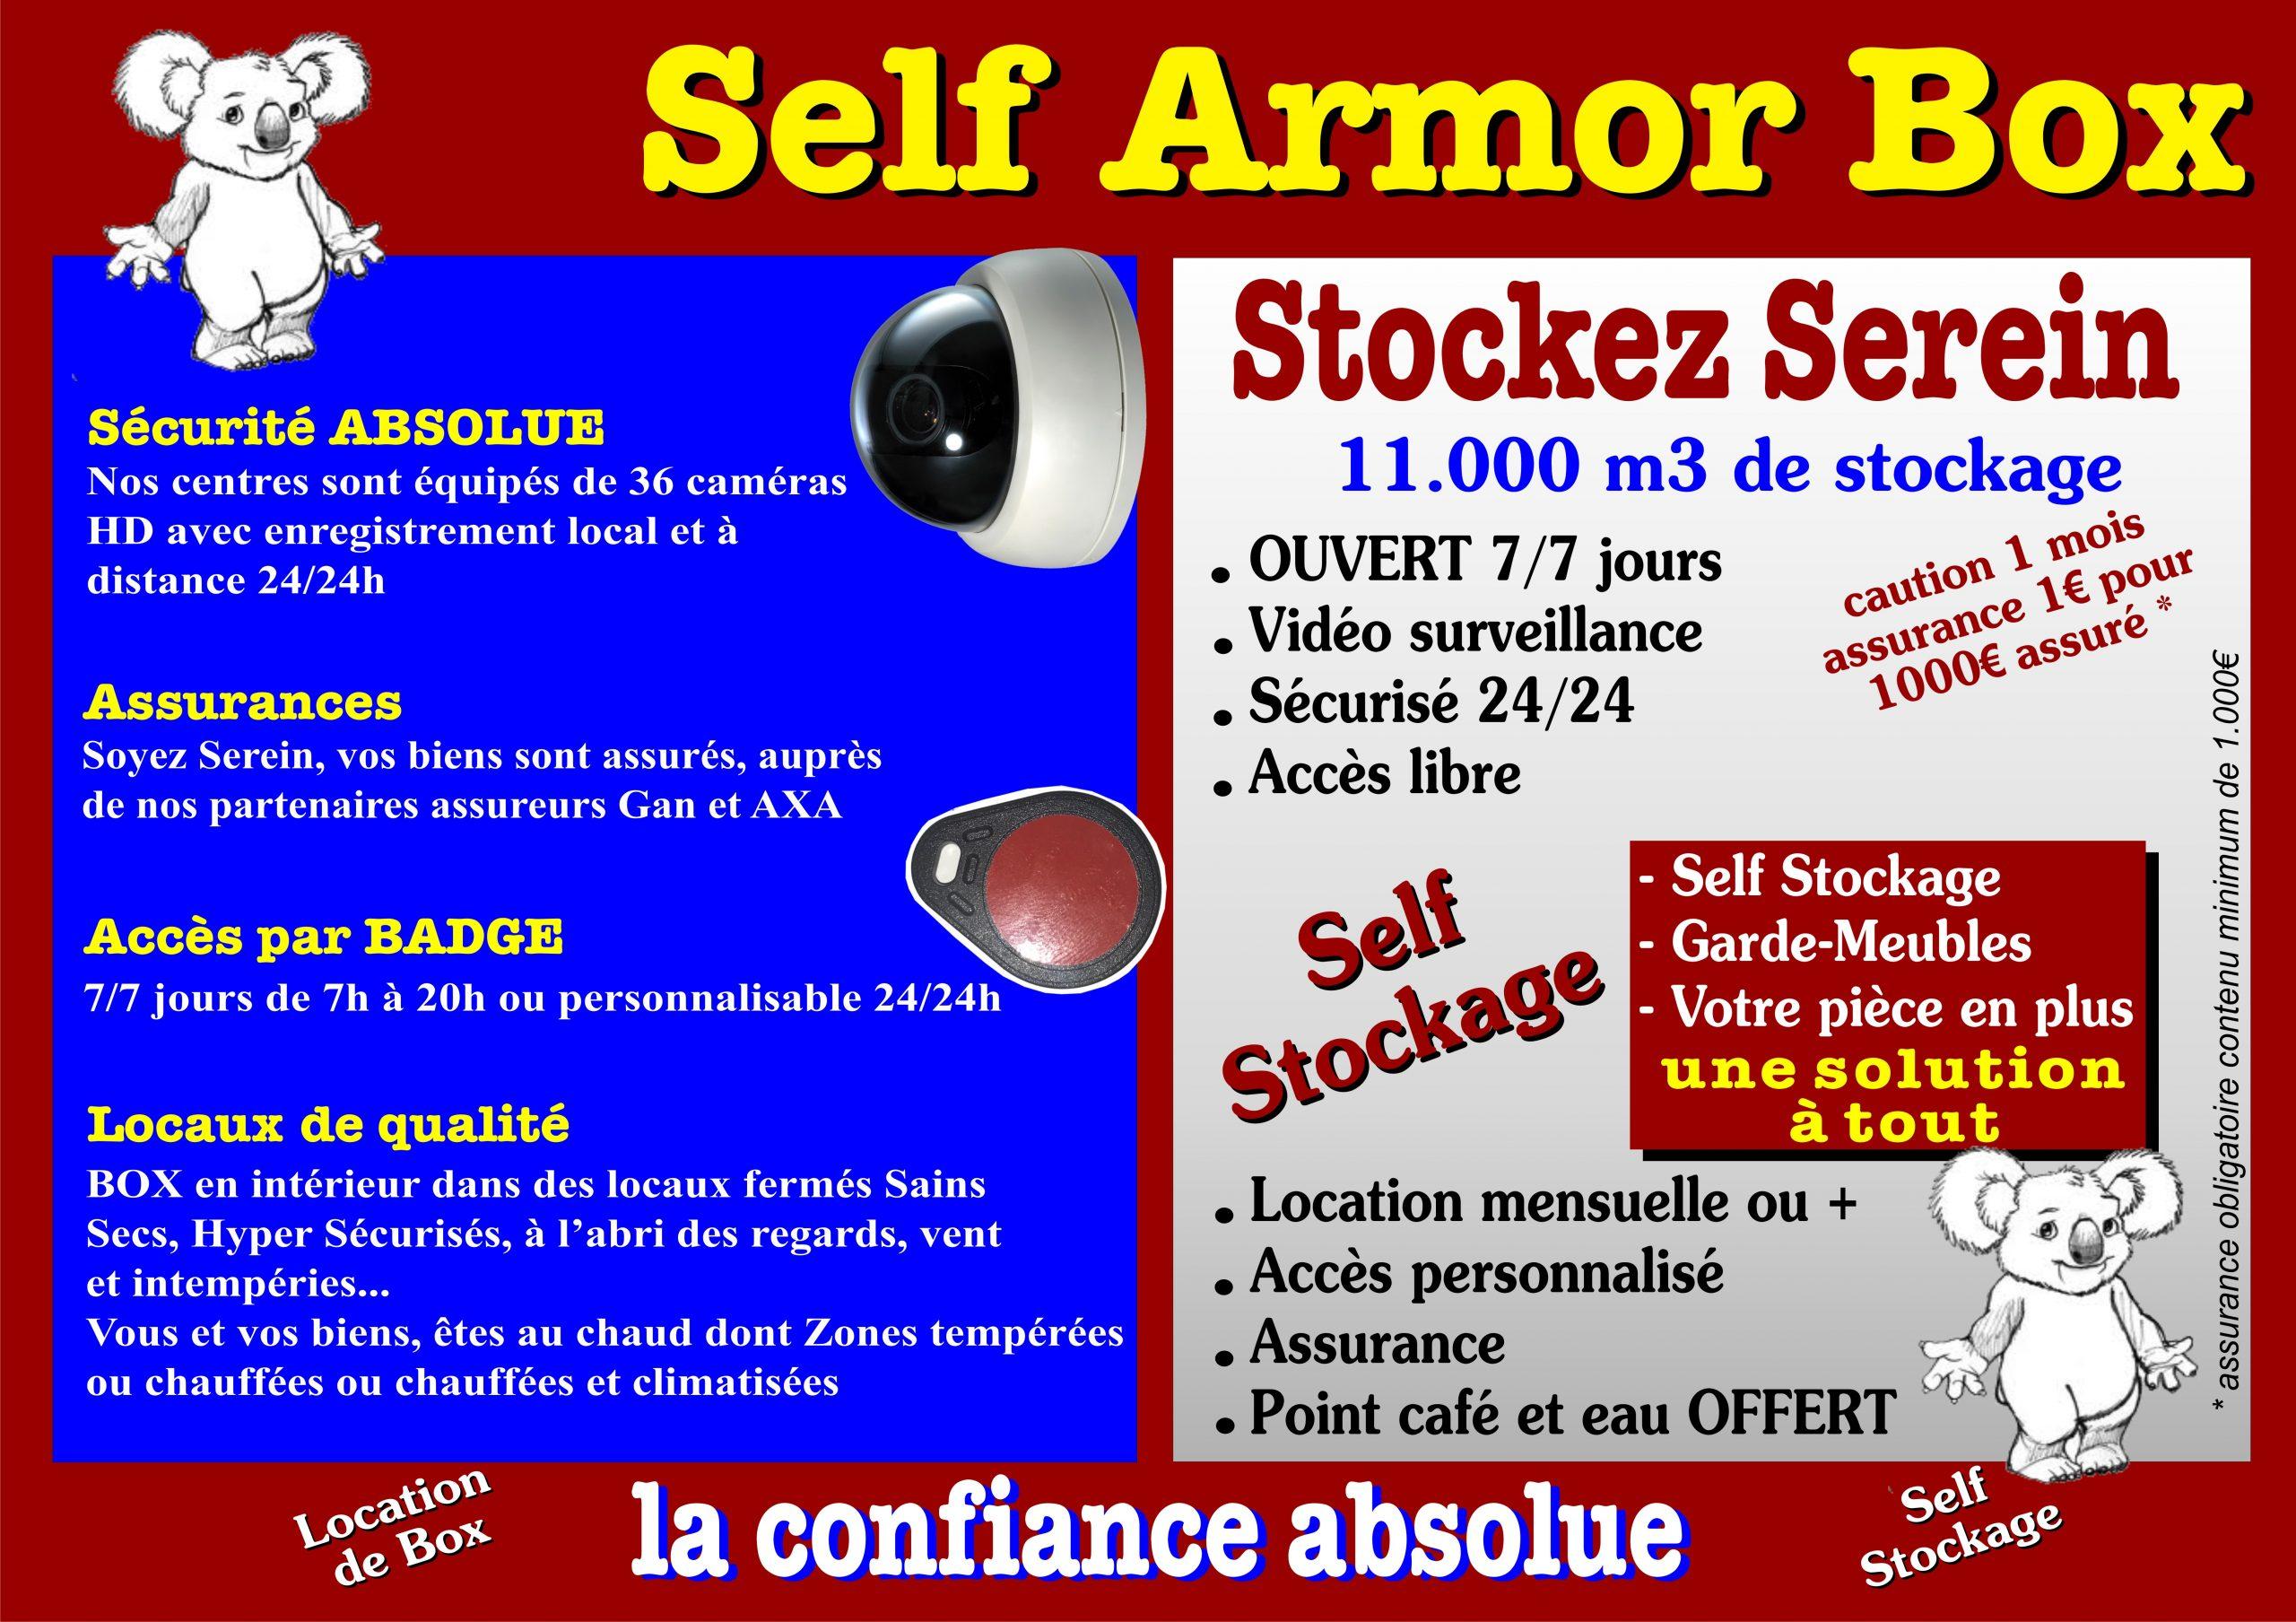 À propos de Self Armor Box